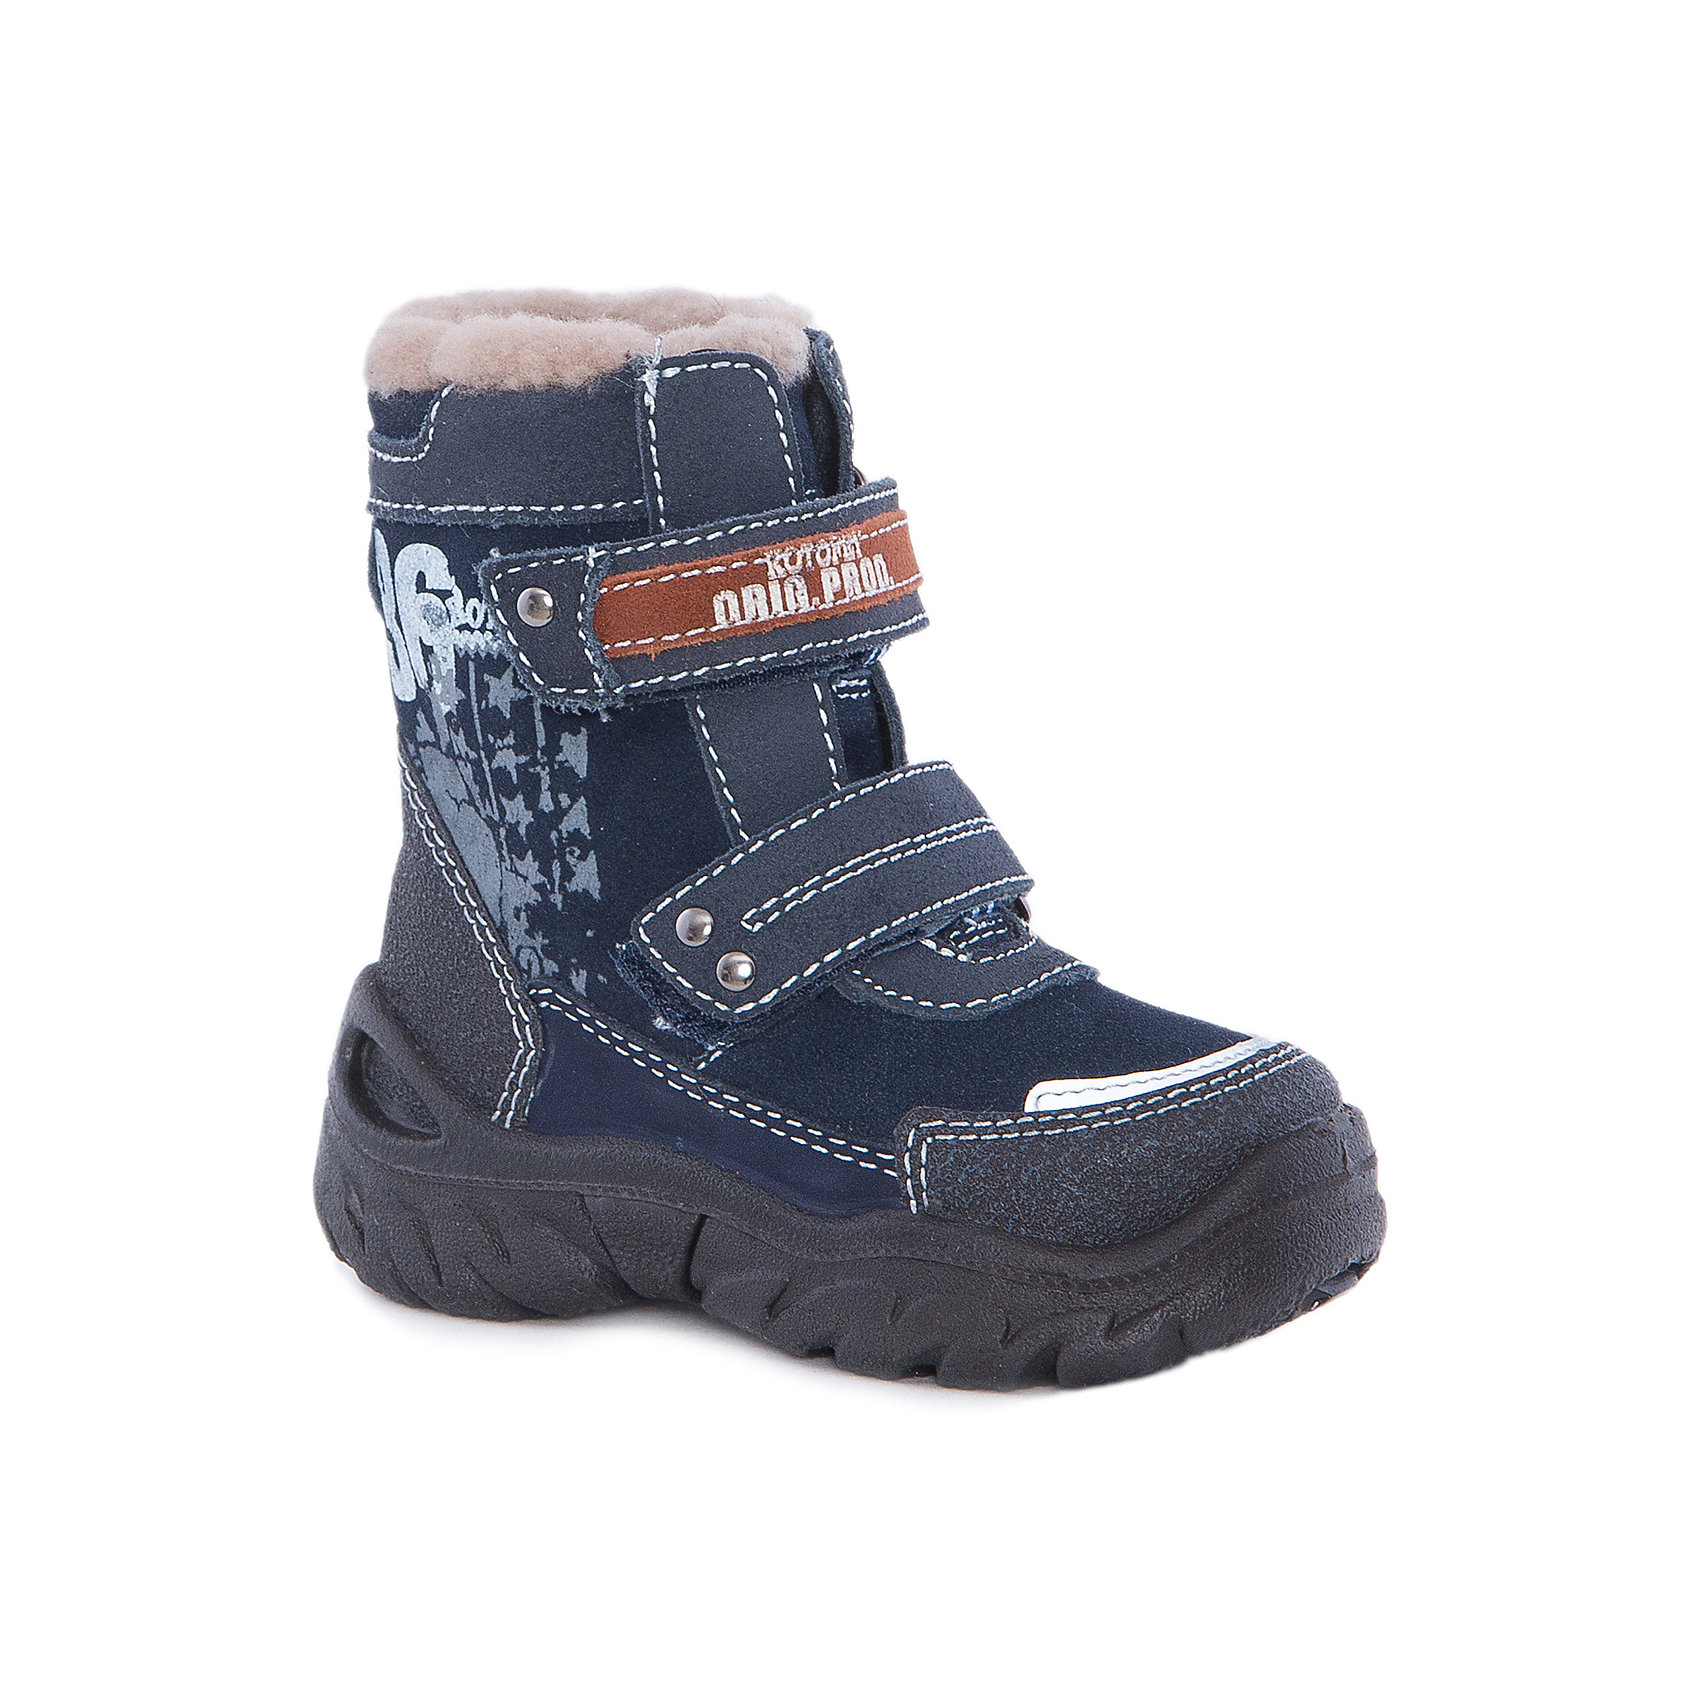 Ботинки  для мальчика КотофейБотинки<br>Ботинки  для мальчика Котофей.<br><br>Характеристики:<br><br>- Внешний материал: натуральная кожа<br>- Внутренний материал: мех шерстяной (овчина)<br>- Стелька: войлок<br>- Подошва: полиуретан<br>- Тип застежки: липучки<br>- Вид крепления обуви: литьевой<br>- Температурный режим до -25С<br>- Цвет: синий<br>- Сезон: зима<br>- Пол: для мальчиков<br><br>Ботинки для мальчика торговой марки Котофей – это обувь для настоящих зимних холодов. Материал верха – натуральная кожа, обладающая хорошими гидрофобными свойствами. Пяточная и носочная части защищены натуральной кожей с полиуретановым покрытием. Подкладка из натурального меха и вкладная стелька из войлока создают надежную теплозащиту. Легкая, гибкая подошва из специального «зимнего» полиуретана не скользит на морозе. Применение литьевого метода крепления подошвы, при котором в наибольшей степени учитываются анатомические особенности стопы, обеспечивает модели максимальную прочность, необходимую пластичность и минимальный вес. Модель имеет светоотражающий элемент на союзке. Два ремня с липучками позволяют не только быстро обувать и снимать ботинки, но и обеспечивают плотное прилегание обуви к стопе. В качестве отделки использован стильный принт и металлические клепки на ремнях. Детская обувь «Котофей» качественна, красива, добротна, комфортна и долговечна. Она производится на Егорьевской обувной фабрике. Жесткий контроль производства и постоянное совершенствование технологий при многолетнем опыте позволяют считать компанию одним из лидеров среди отечественных производителей детской обуви.<br><br>Ботинки  для мальчика Котофей можно купить в нашем интернет-магазине.<br><br>Ширина мм: 262<br>Глубина мм: 176<br>Высота мм: 97<br>Вес г: 427<br>Цвет: синий<br>Возраст от месяцев: 18<br>Возраст до месяцев: 21<br>Пол: Мужской<br>Возраст: Детский<br>Размер: 23,31,24,25,26,27,28,29,30<br>SKU: 5086675